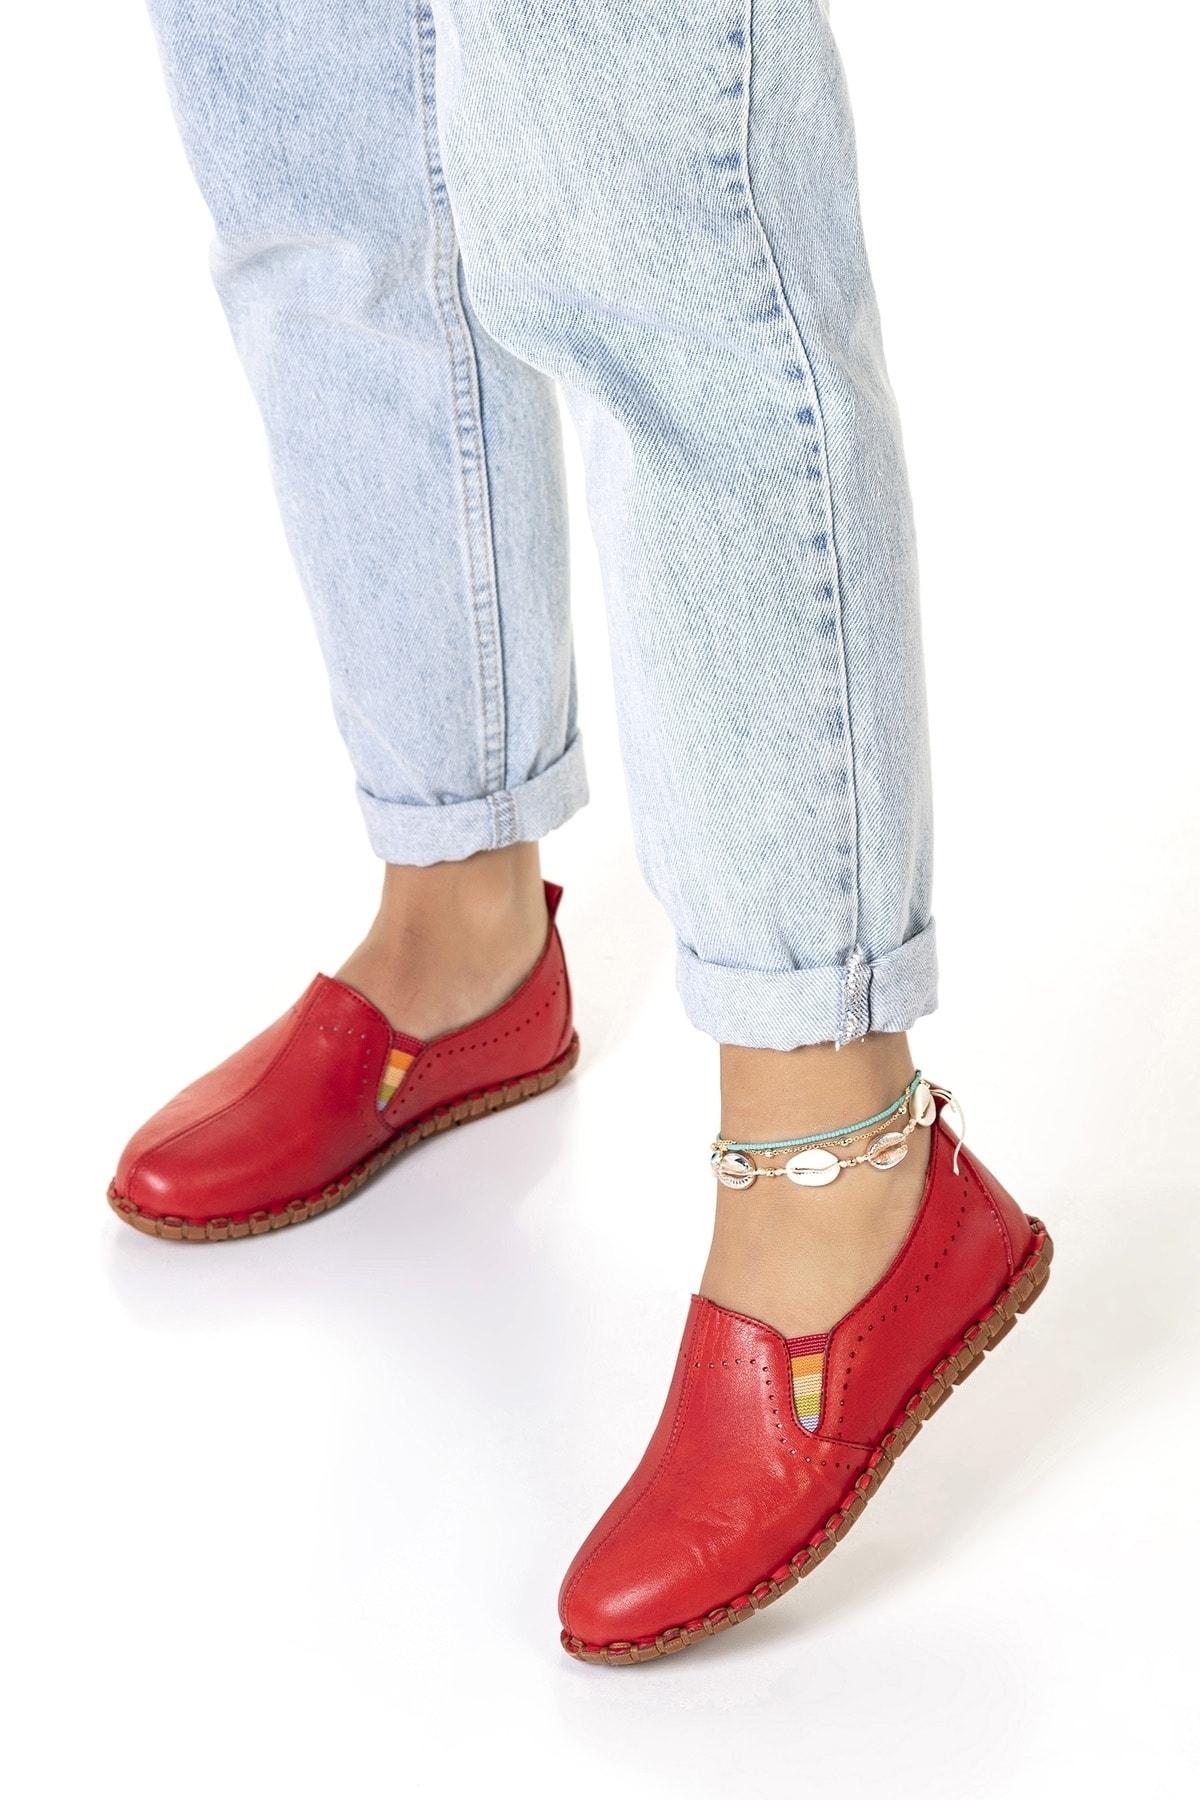 Vita Shoes Kadın Kırmızı Hakiki Deri El Yapımı Ayakkabı